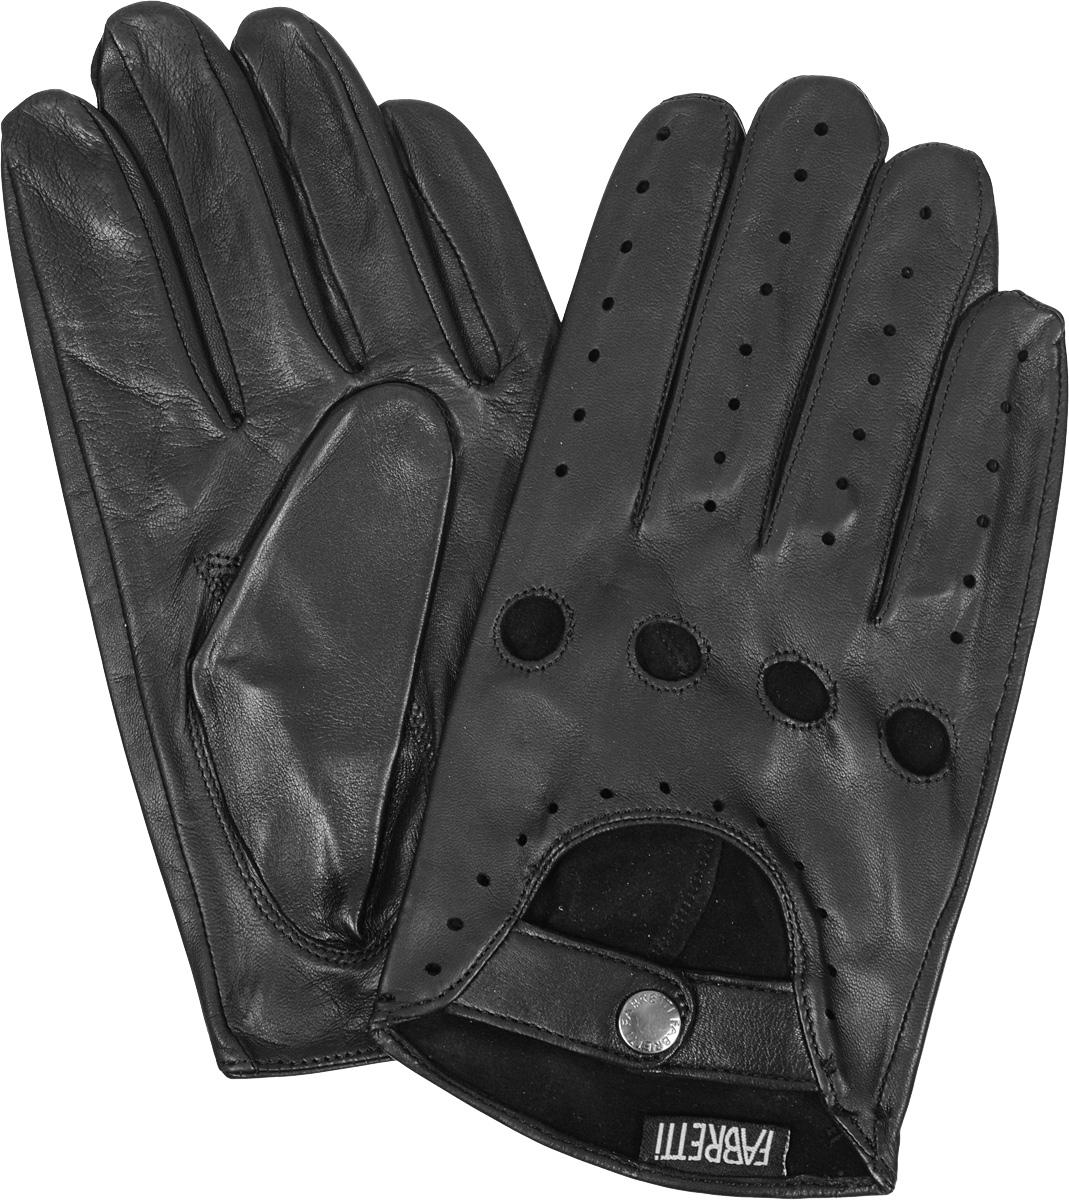 Перчатки мужские, автомобильные. 2.572.57-1Мужские автомобильные перчатки Fabretti позволяют сделать управление автомобилем максимально комфортным и безопасным. Изготовлены перчатки из эфиопской натуральной кожи ягненка и дополнены на запястье хлястиком на кнопке. Летом в перчатках комфортно благодаря специальным вентиляционным отверстиям и перфорации, зимой - холодный руль больше не доставит неудобств.